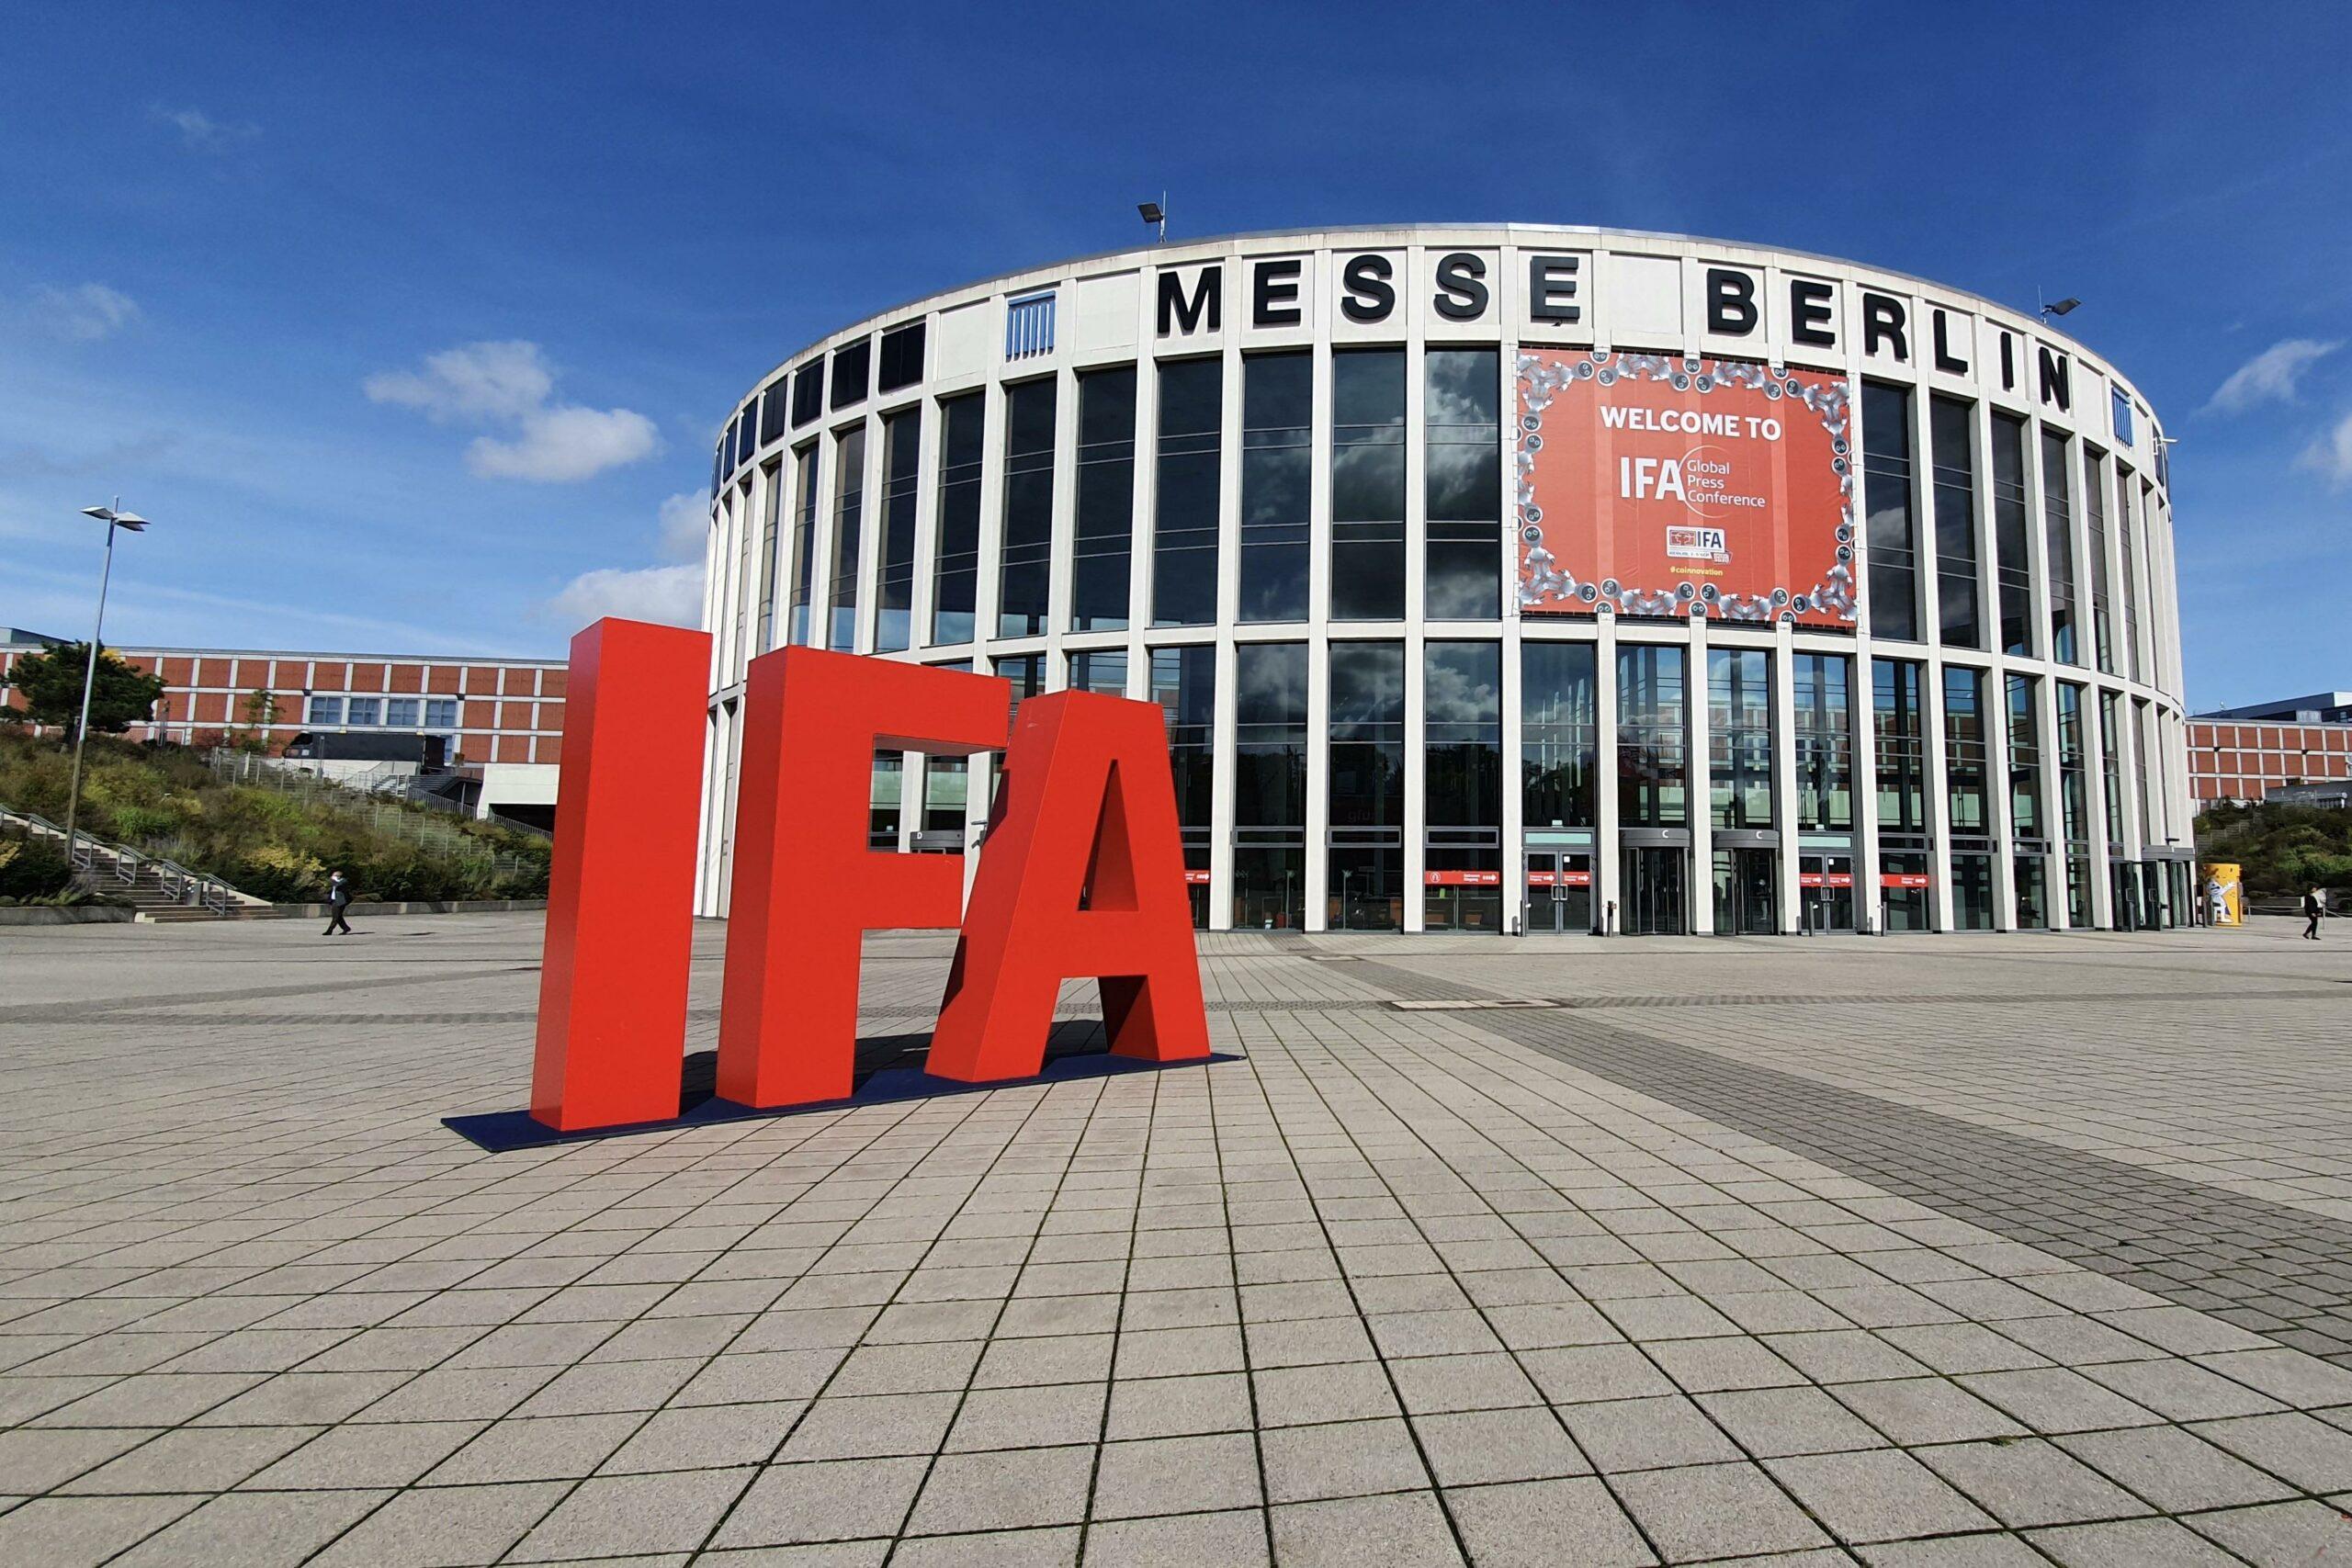 Δεν θα γίνει φέτος η έκθεση IFA στο Βερολίνο